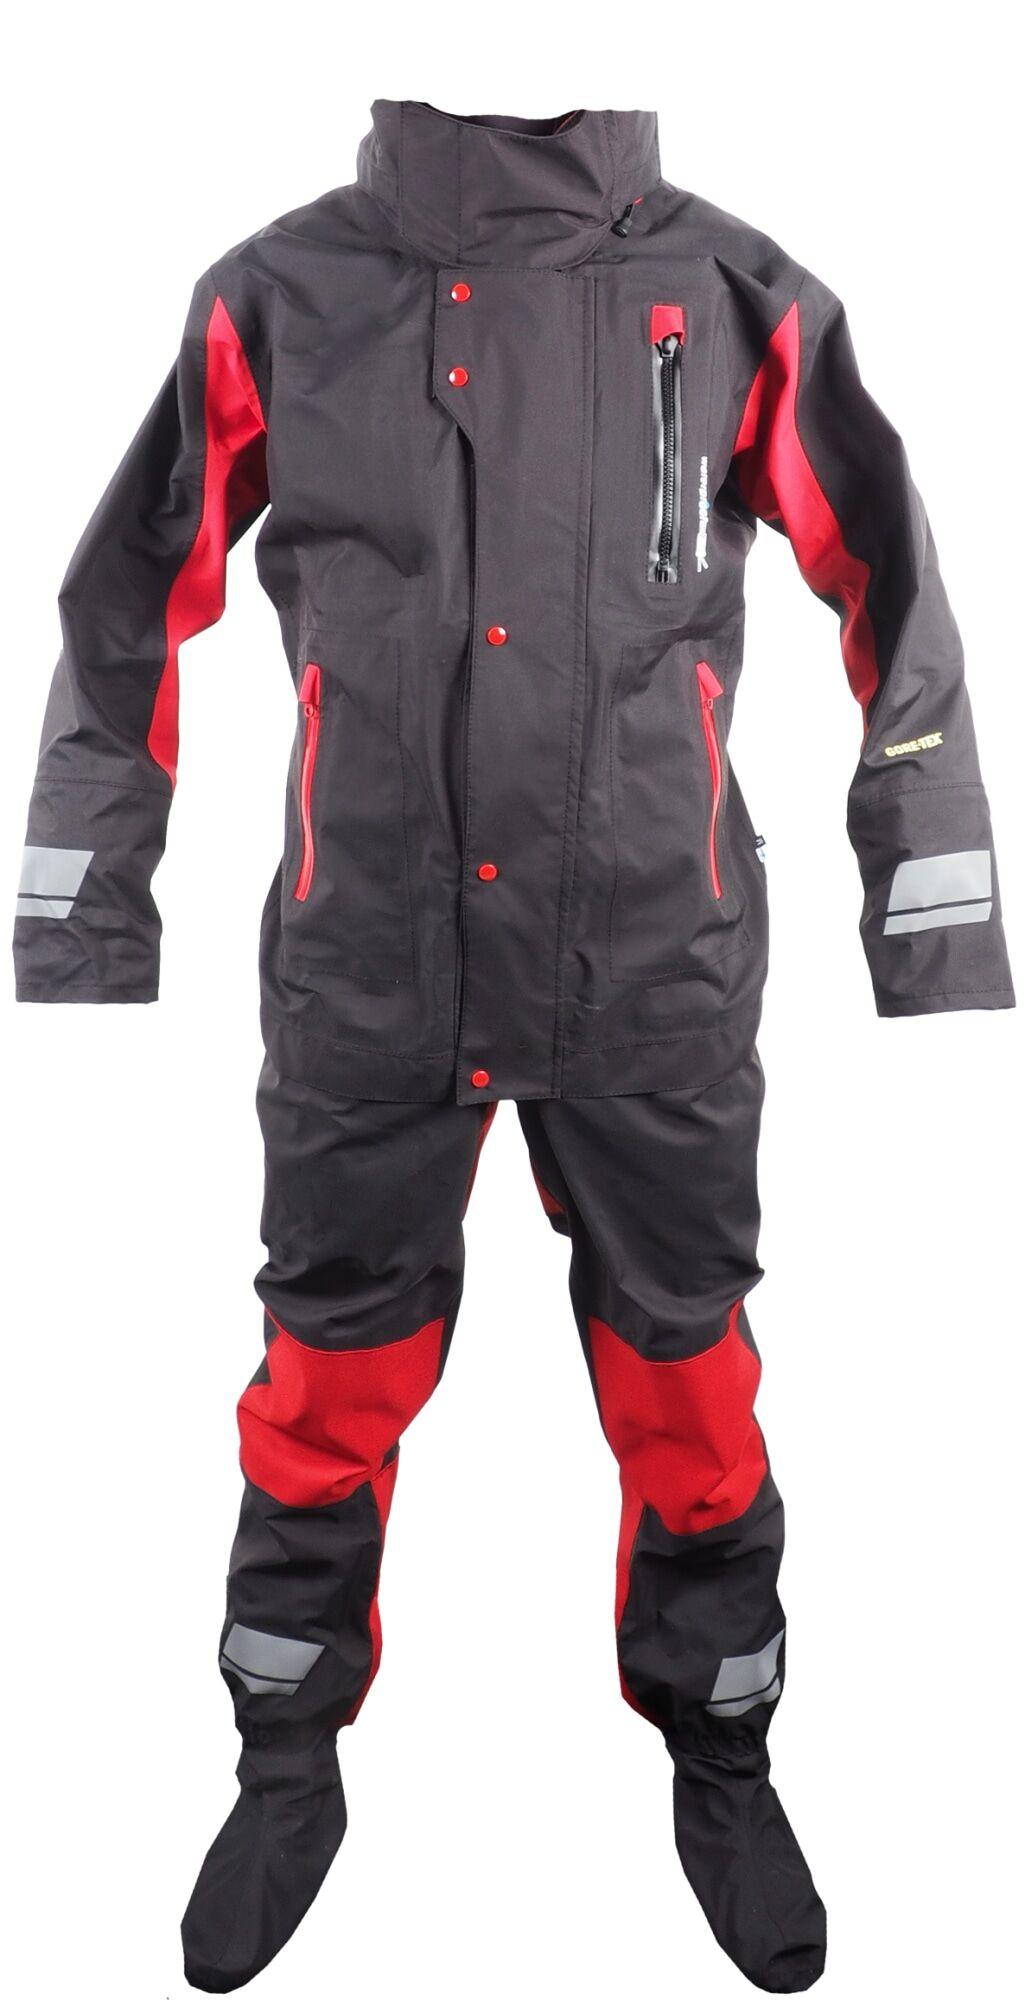 Abu Garcia Dry Suit Ursuit 2.0 kuivapuku